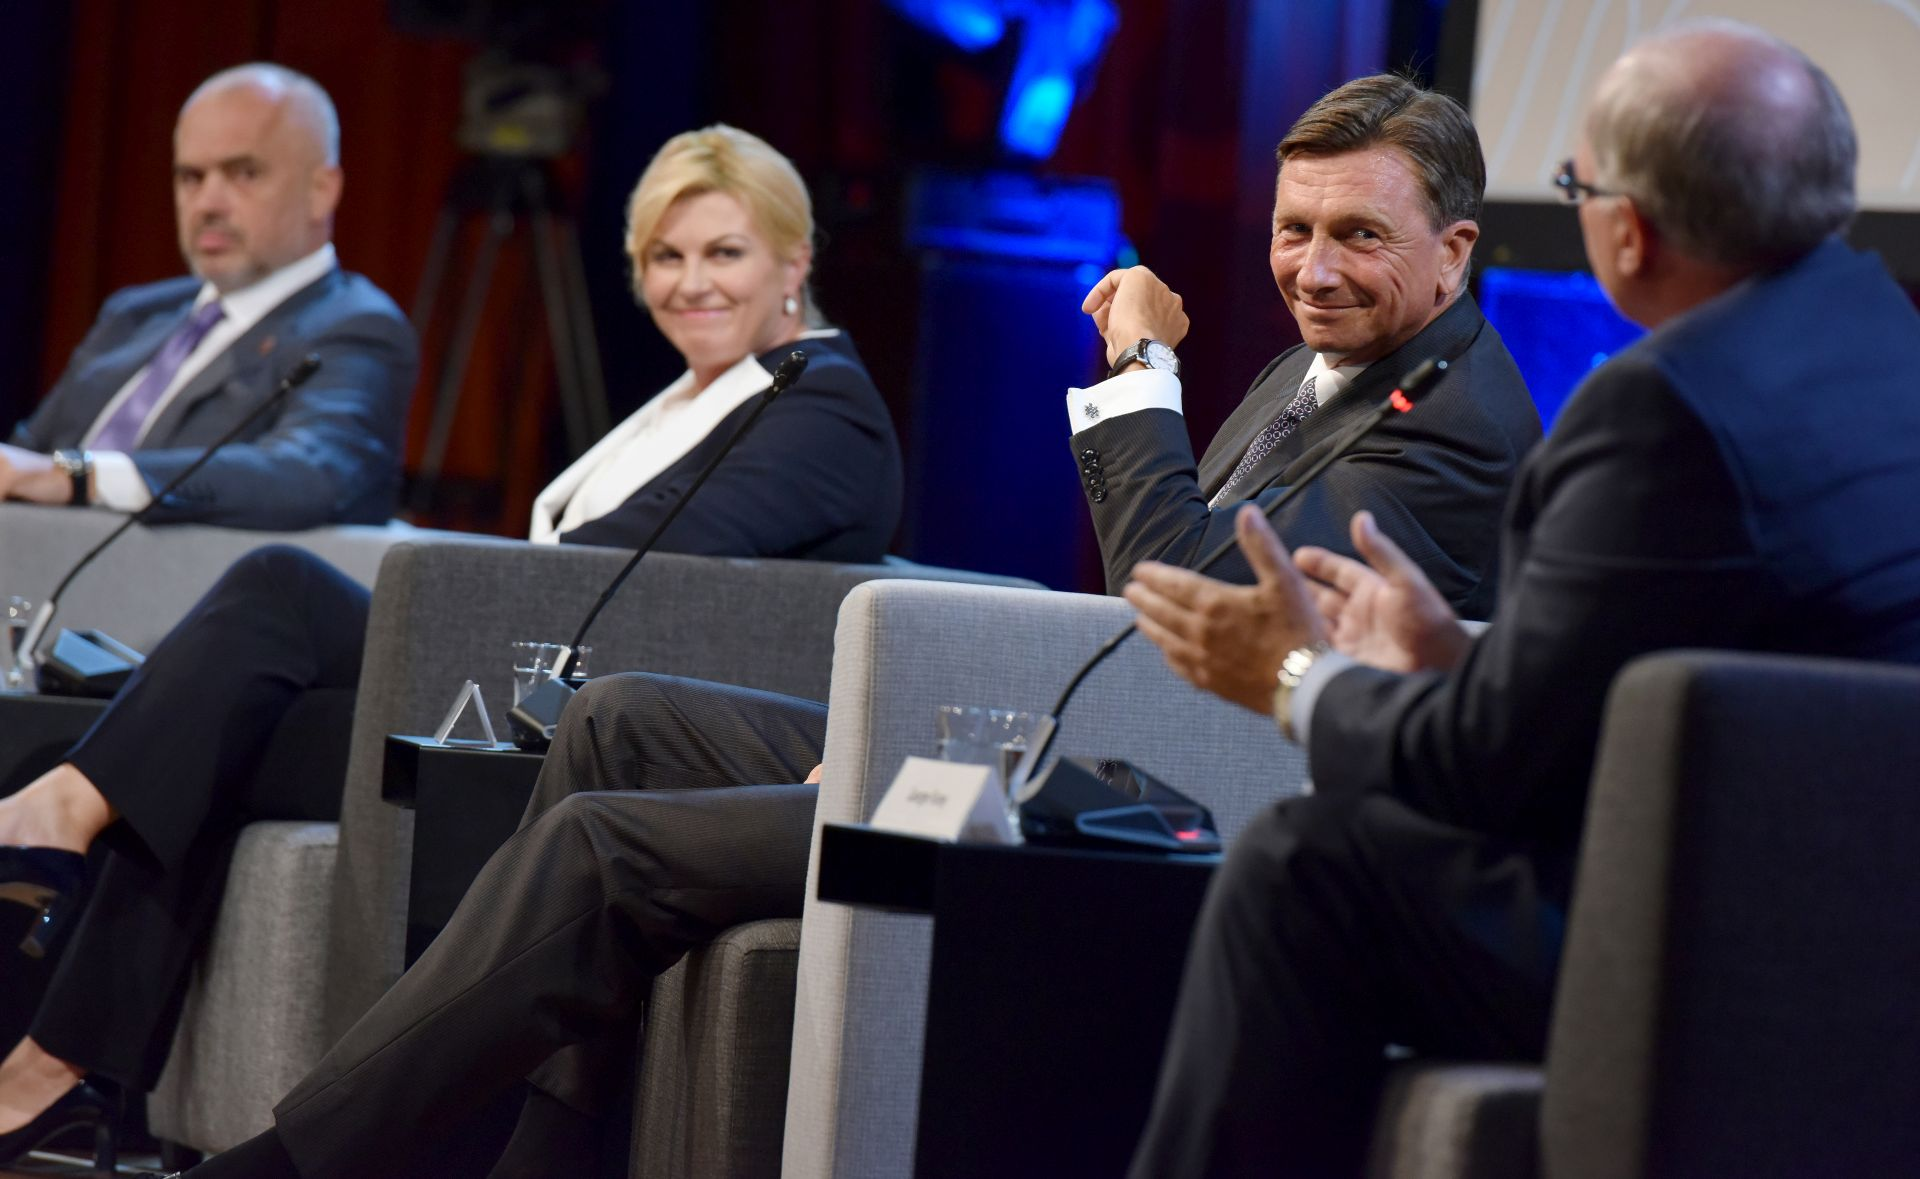 ZAVRŠEN BLEDSKI FORUM: 'EU treba naći učinkovitija rješenja za krize i izazove'